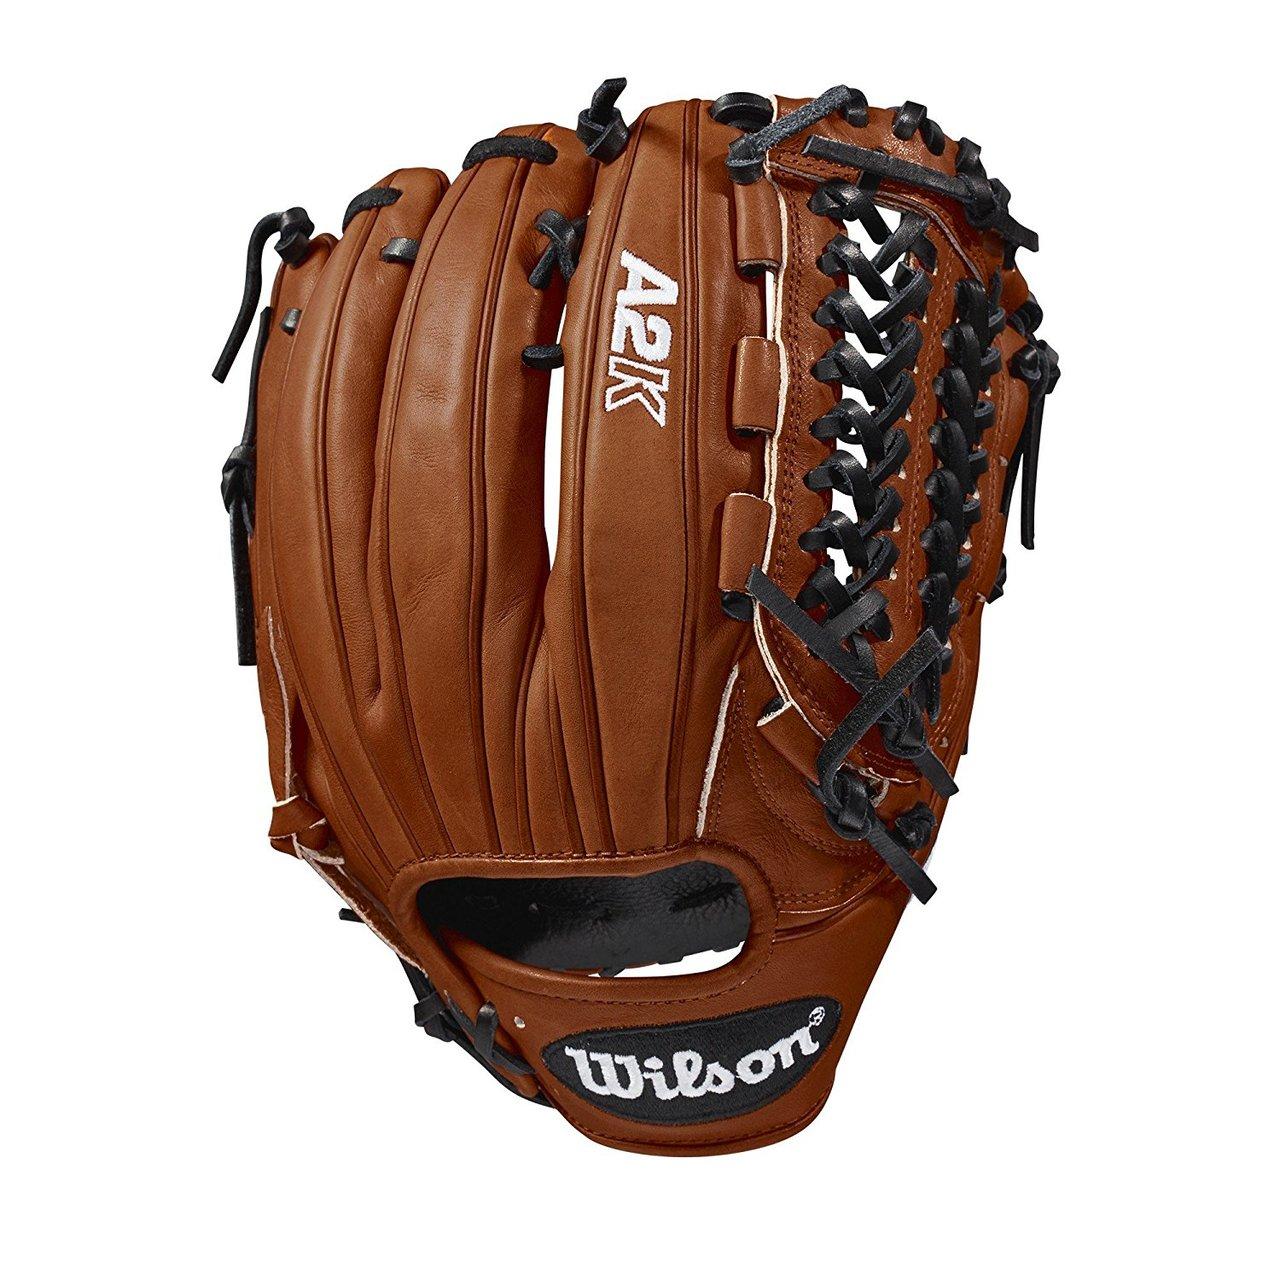 wilson-2018-a2k-d33-pitcher-baseball-glove-right-hand-throw-11-75-inch WTA2KRB18D33-RightHandThrow Wilson 887768592028